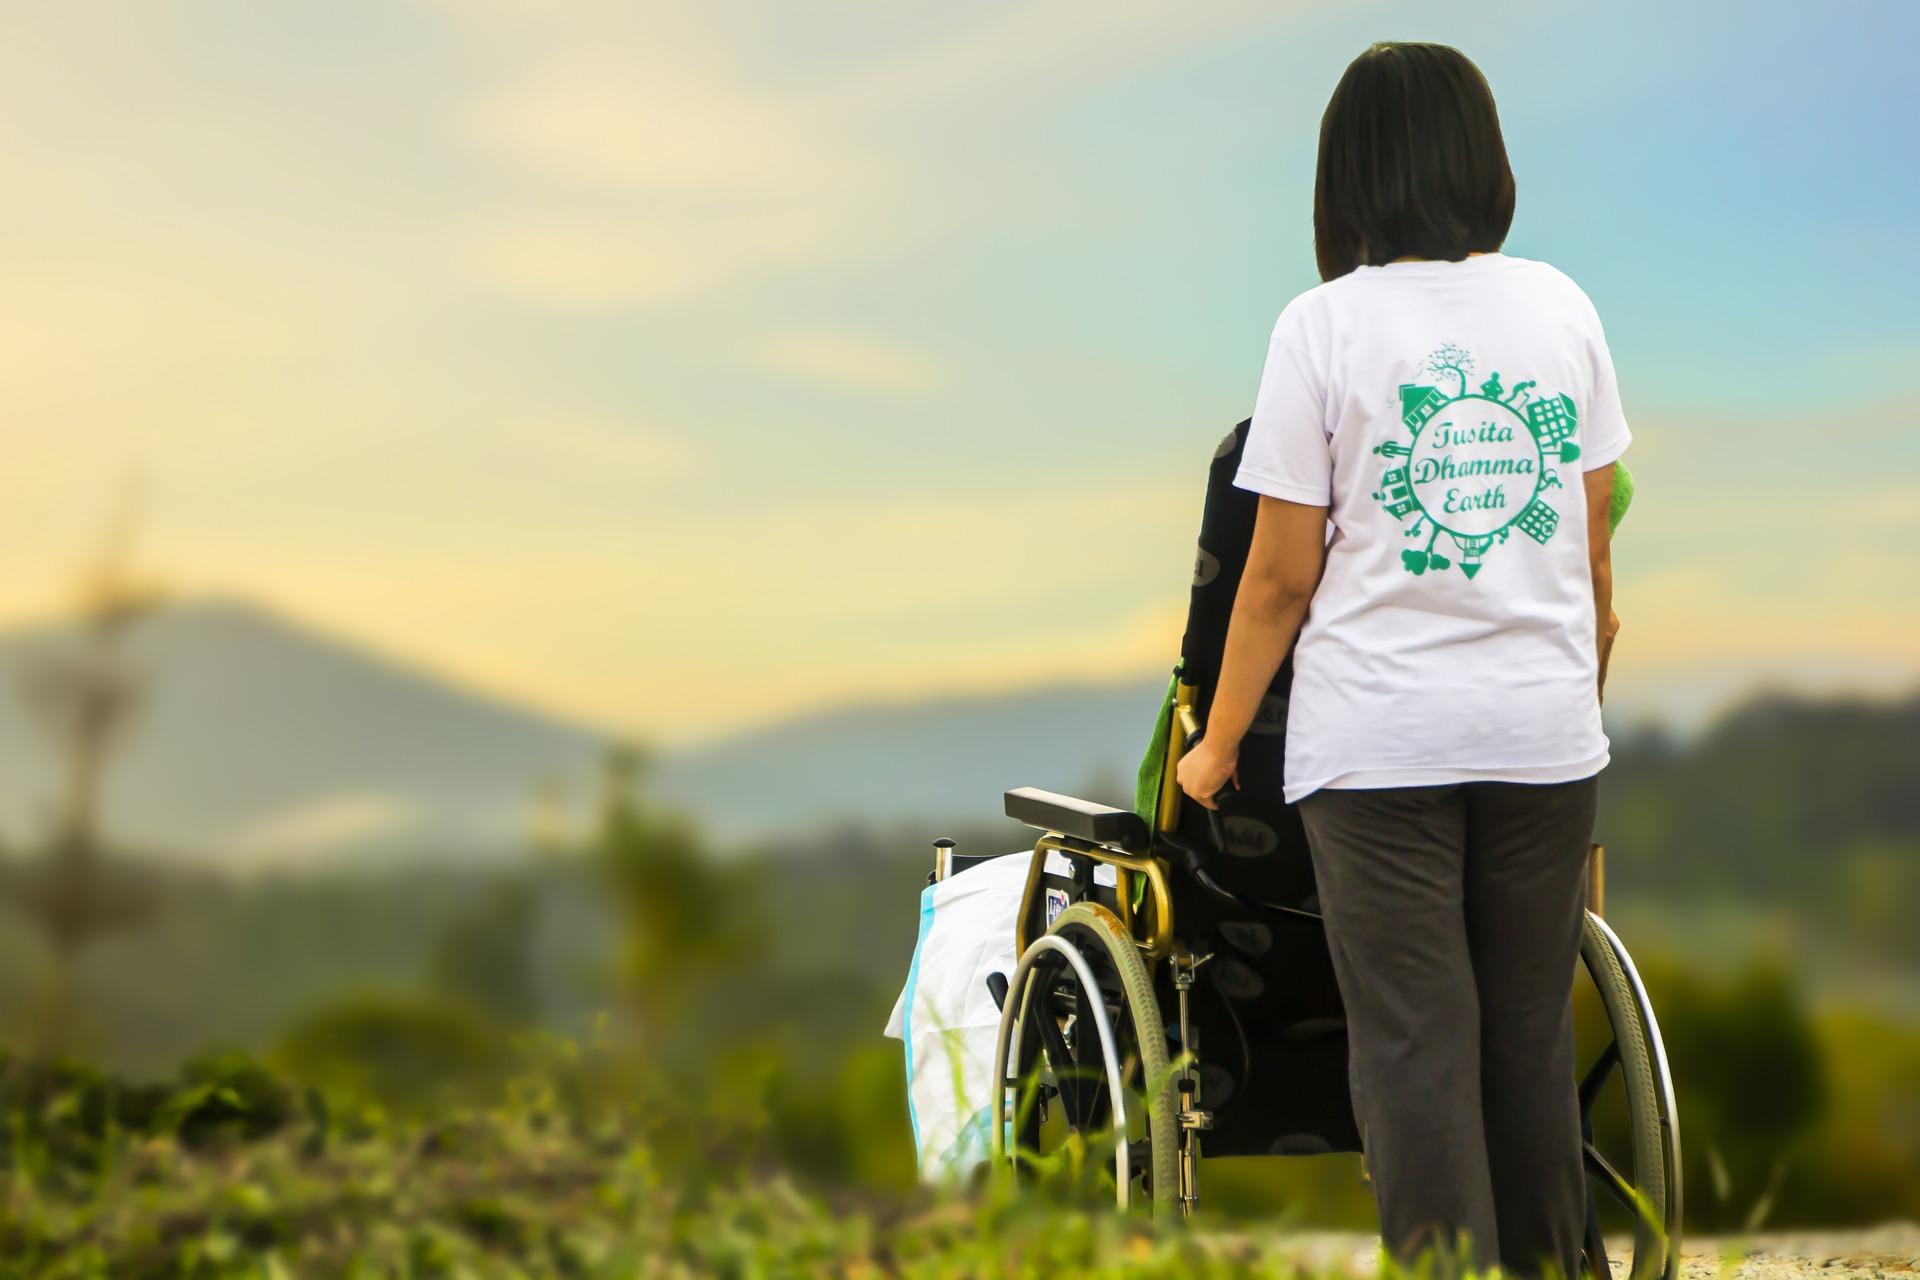 kaigo - 介護福祉士の就職先はどこ?活躍の場をまとめてみました